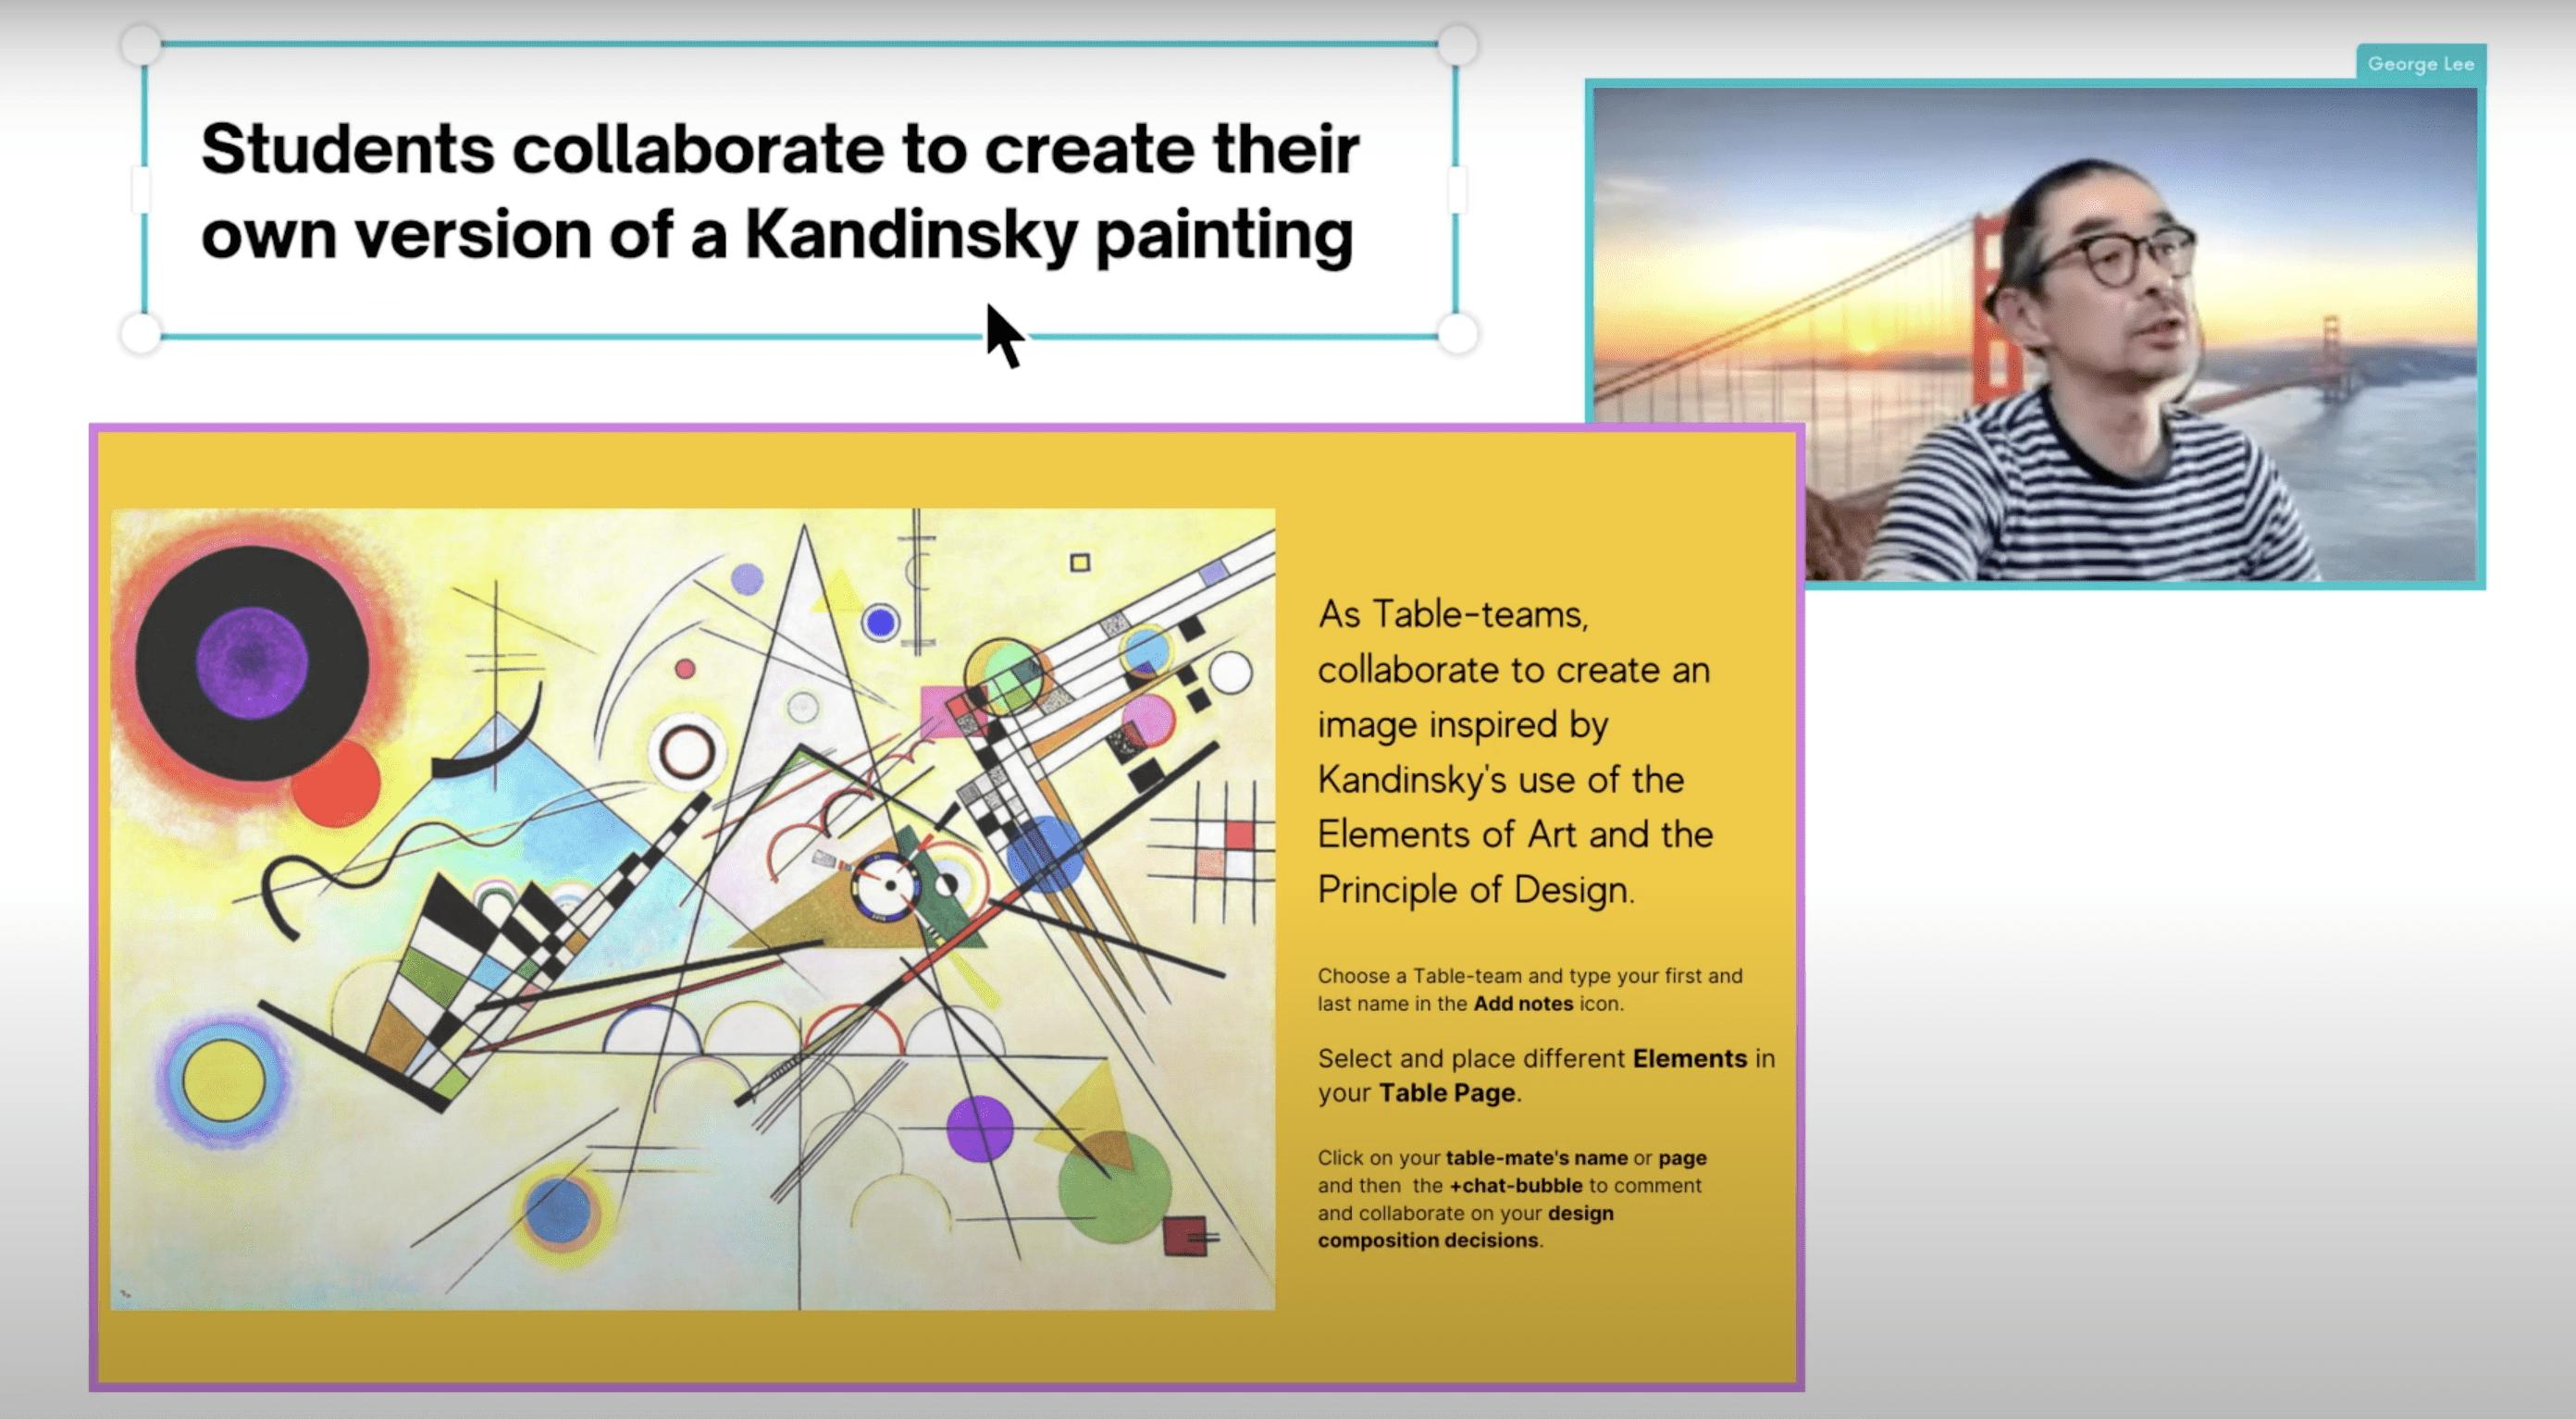 George Lee Kandinsky